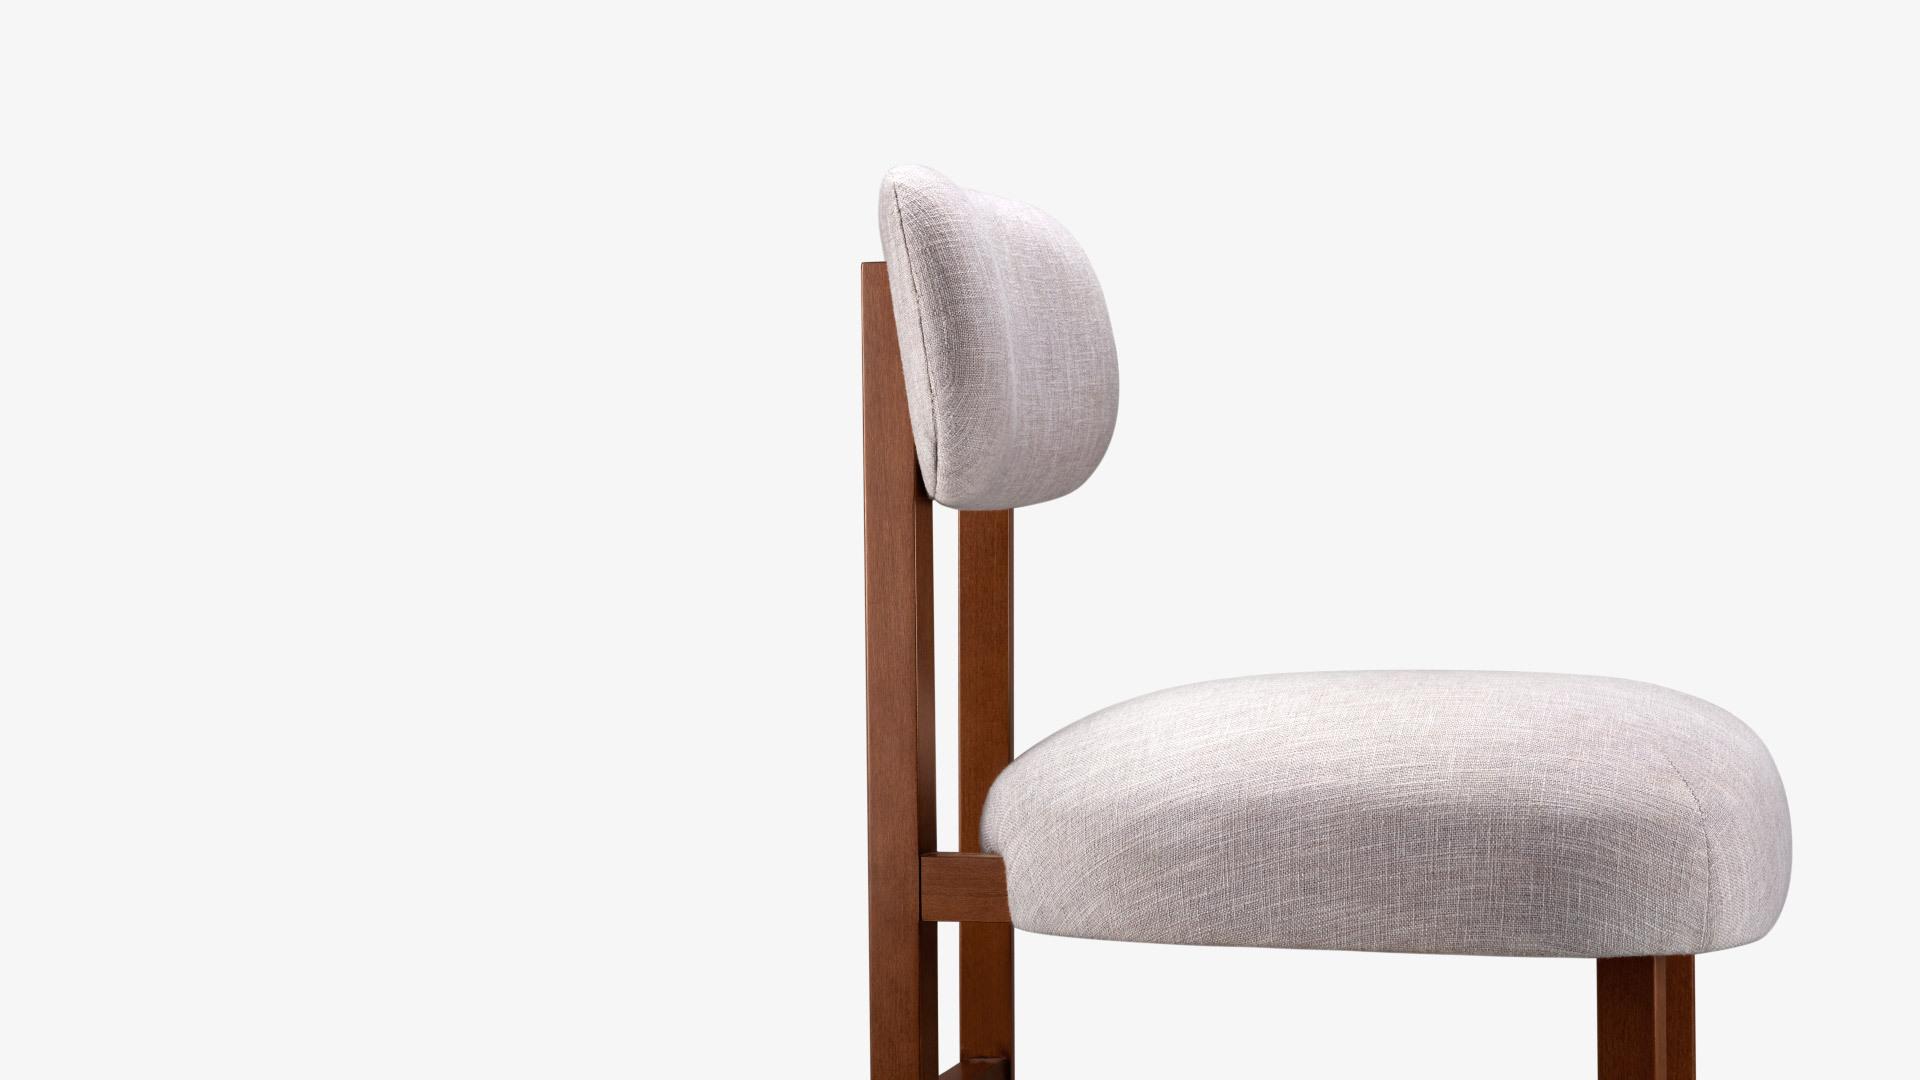 145mm超厚椅垫<br/>高密海绵久坐不塌陷